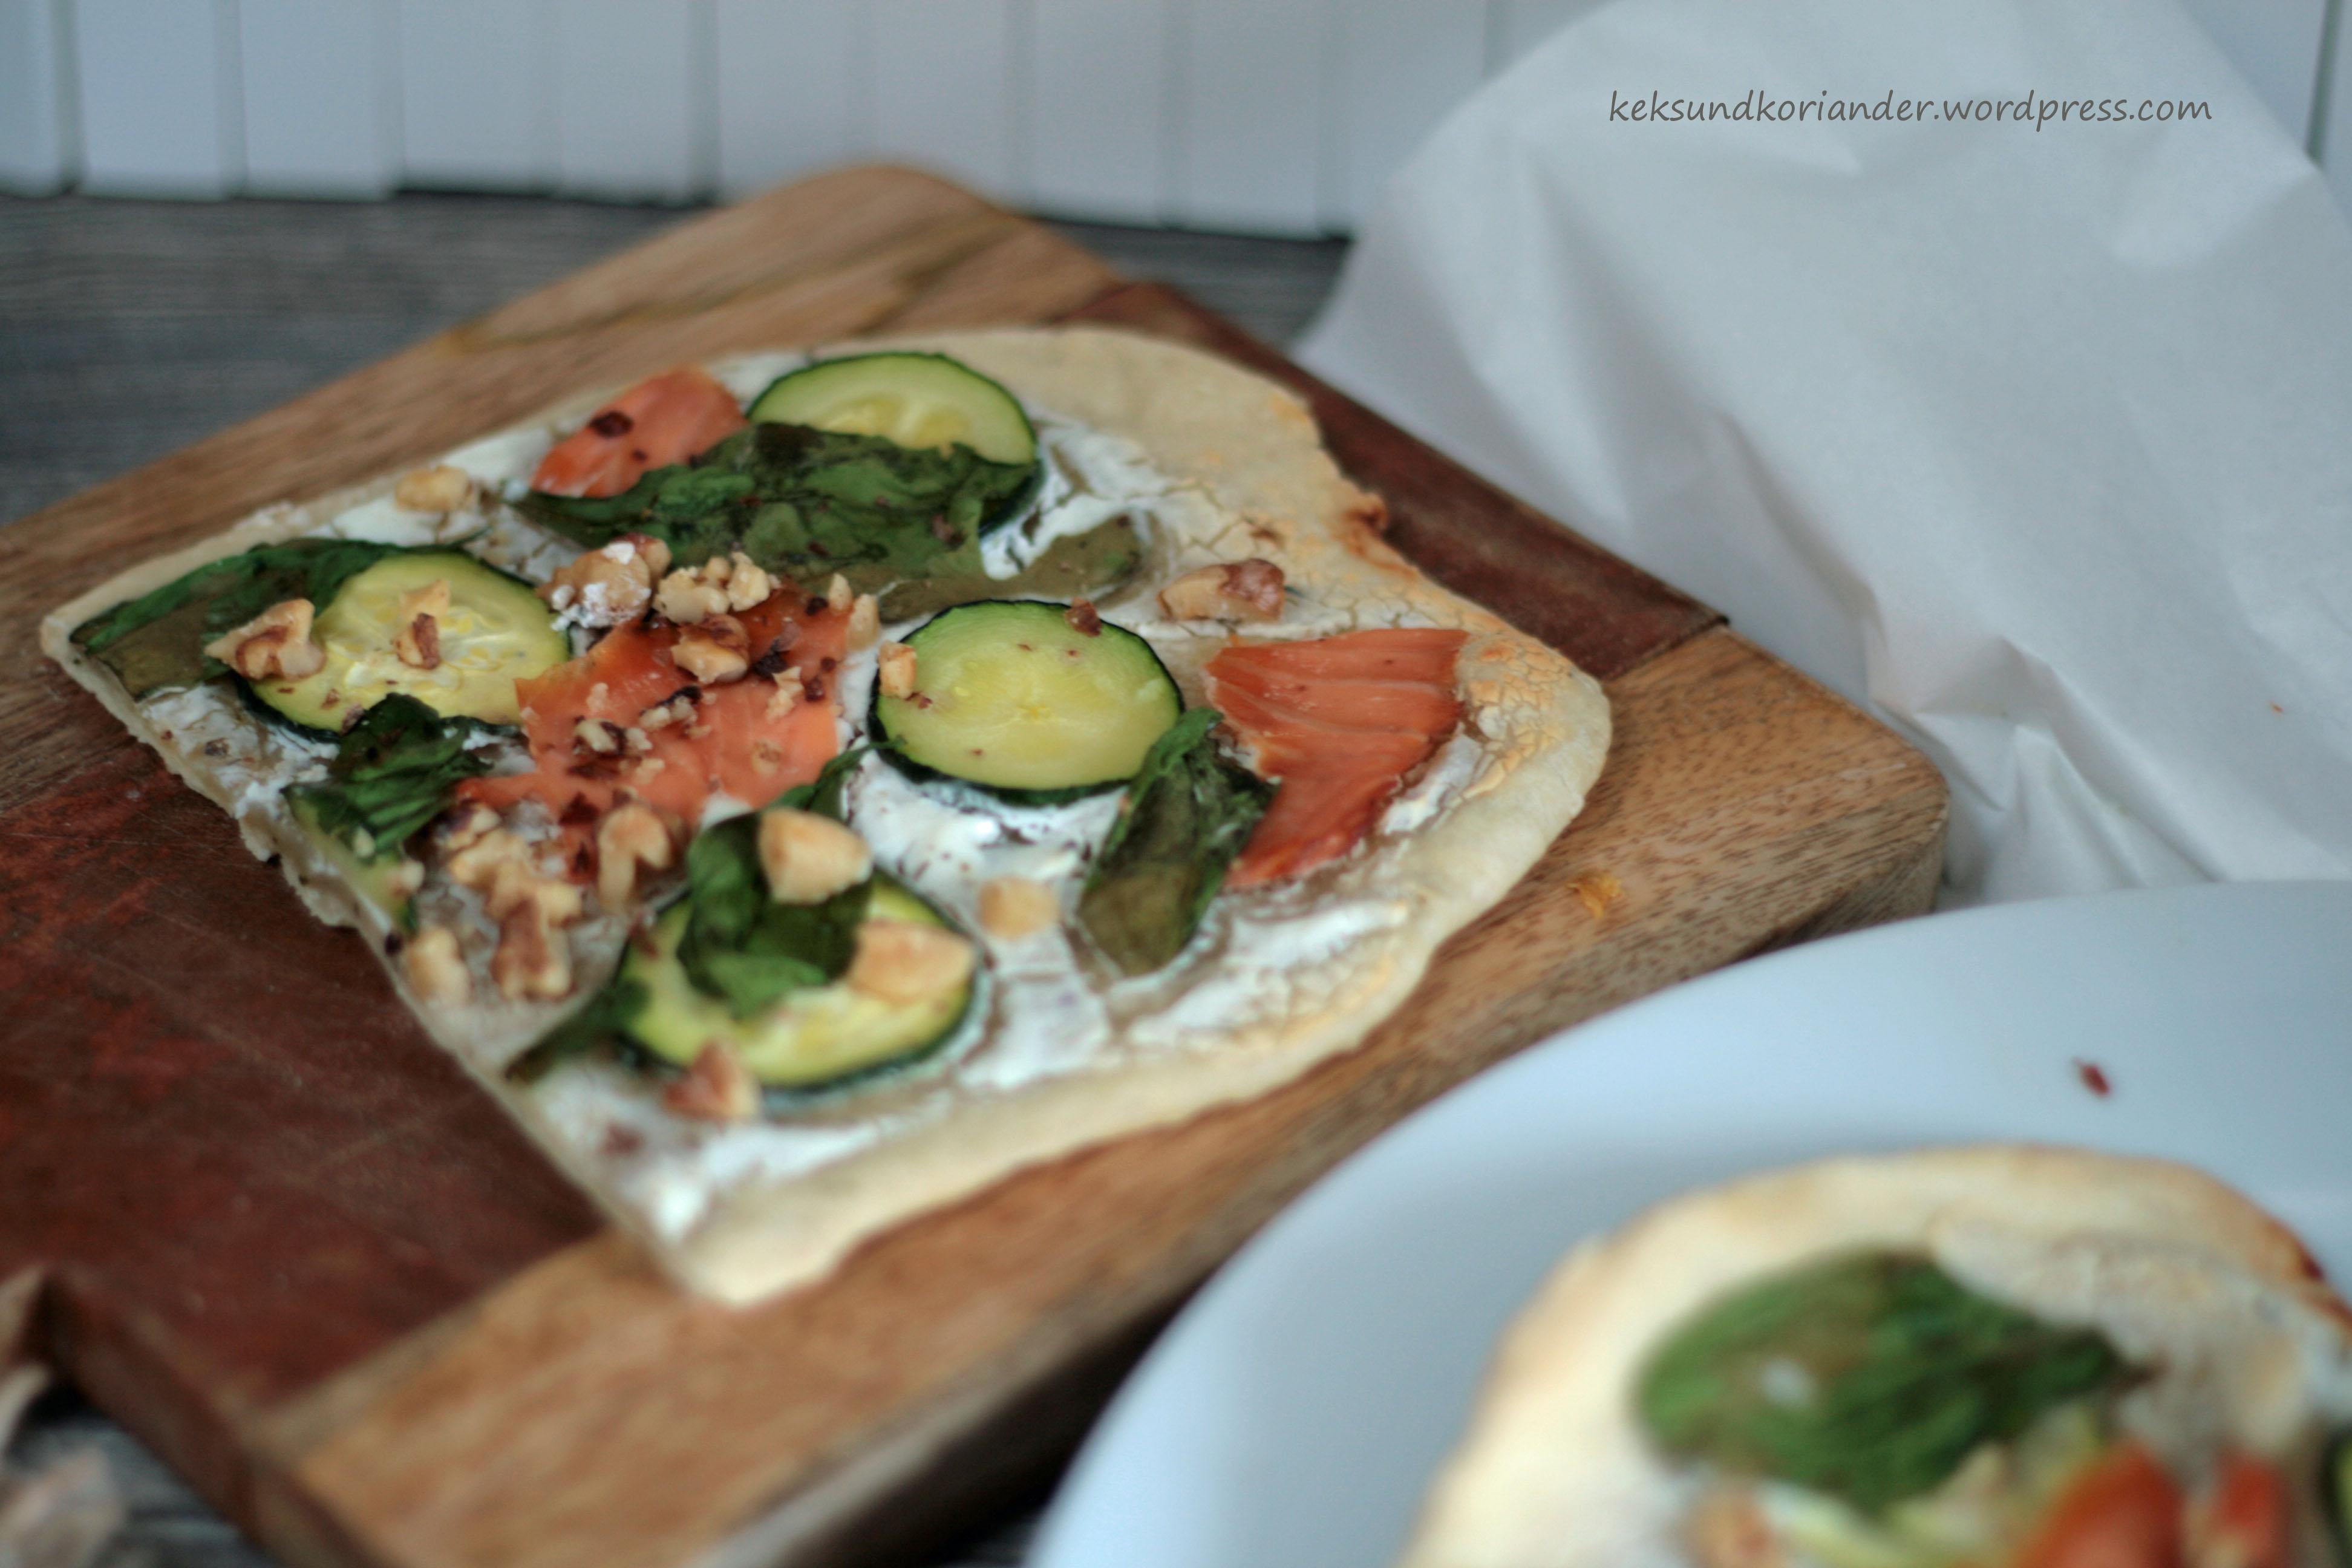 Flammkuchen Lachs Zucchini Spinat Ziegenkäse Nüsse Kopie